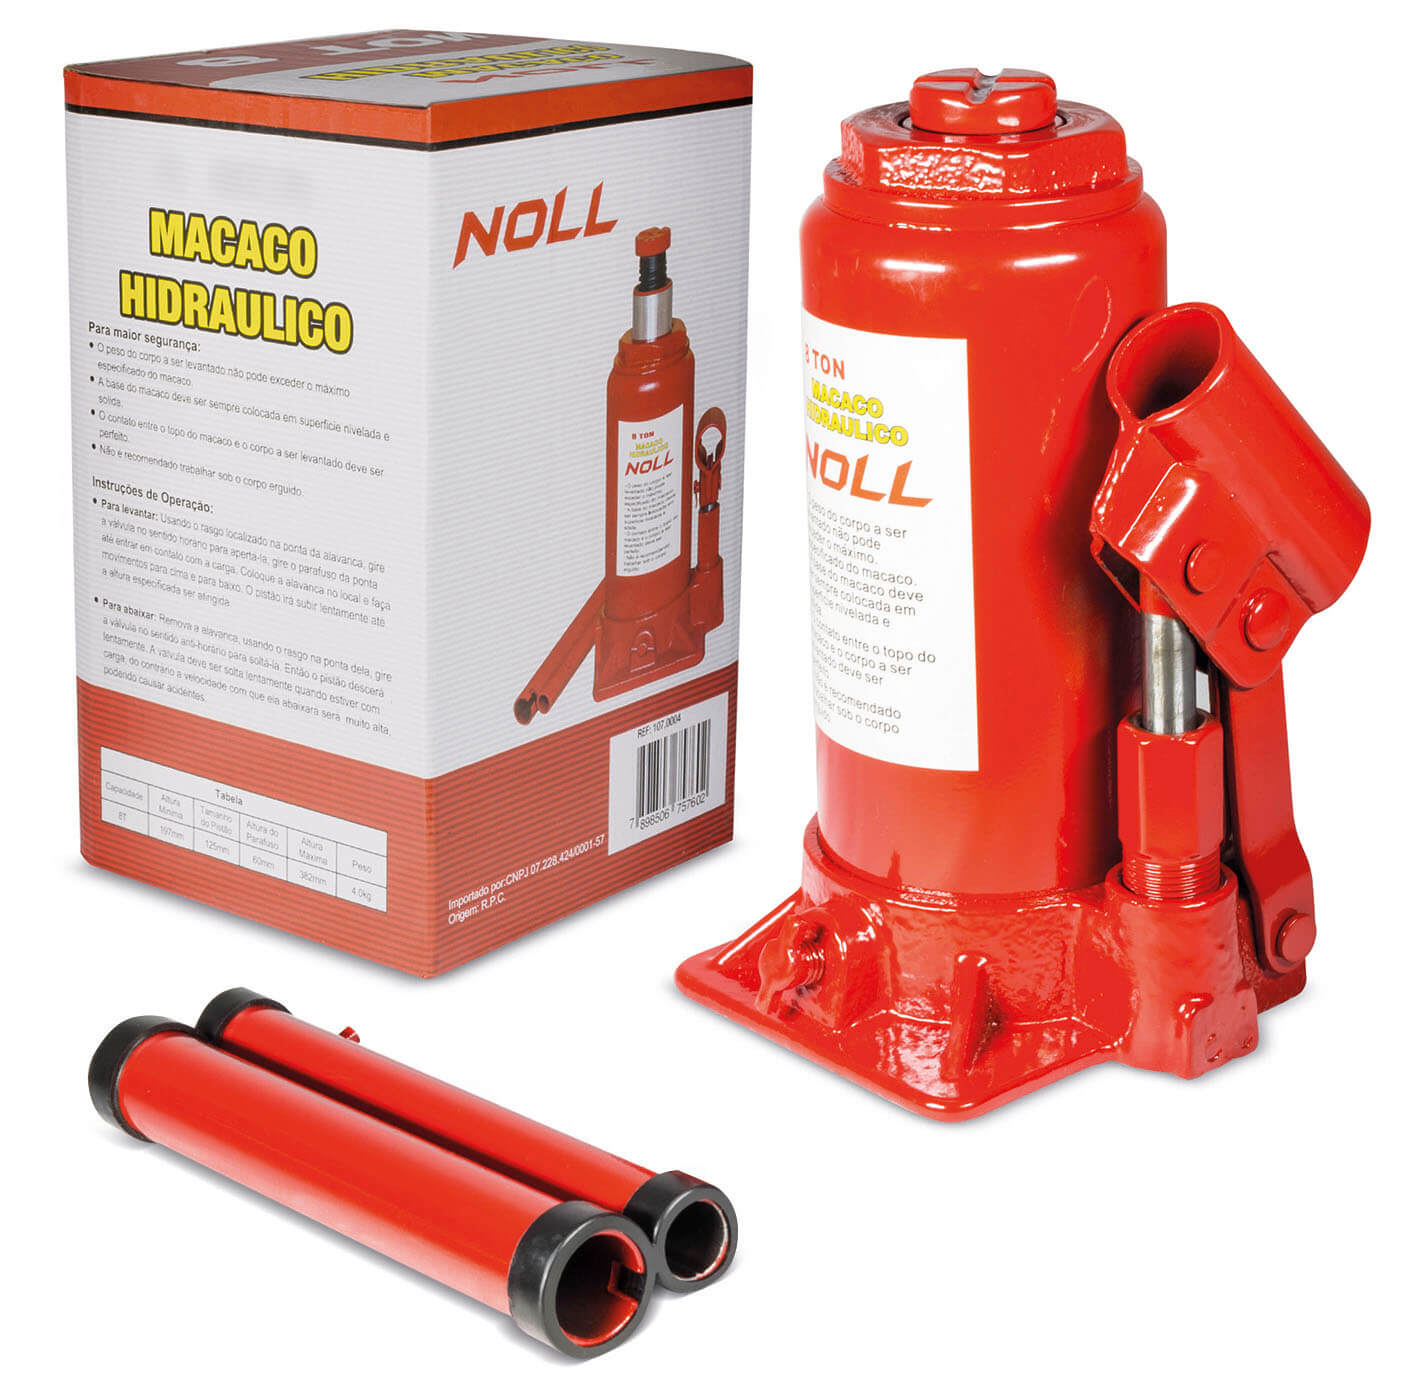 Macaco hidráulico tipo garrafa 6 toneladas - Noll